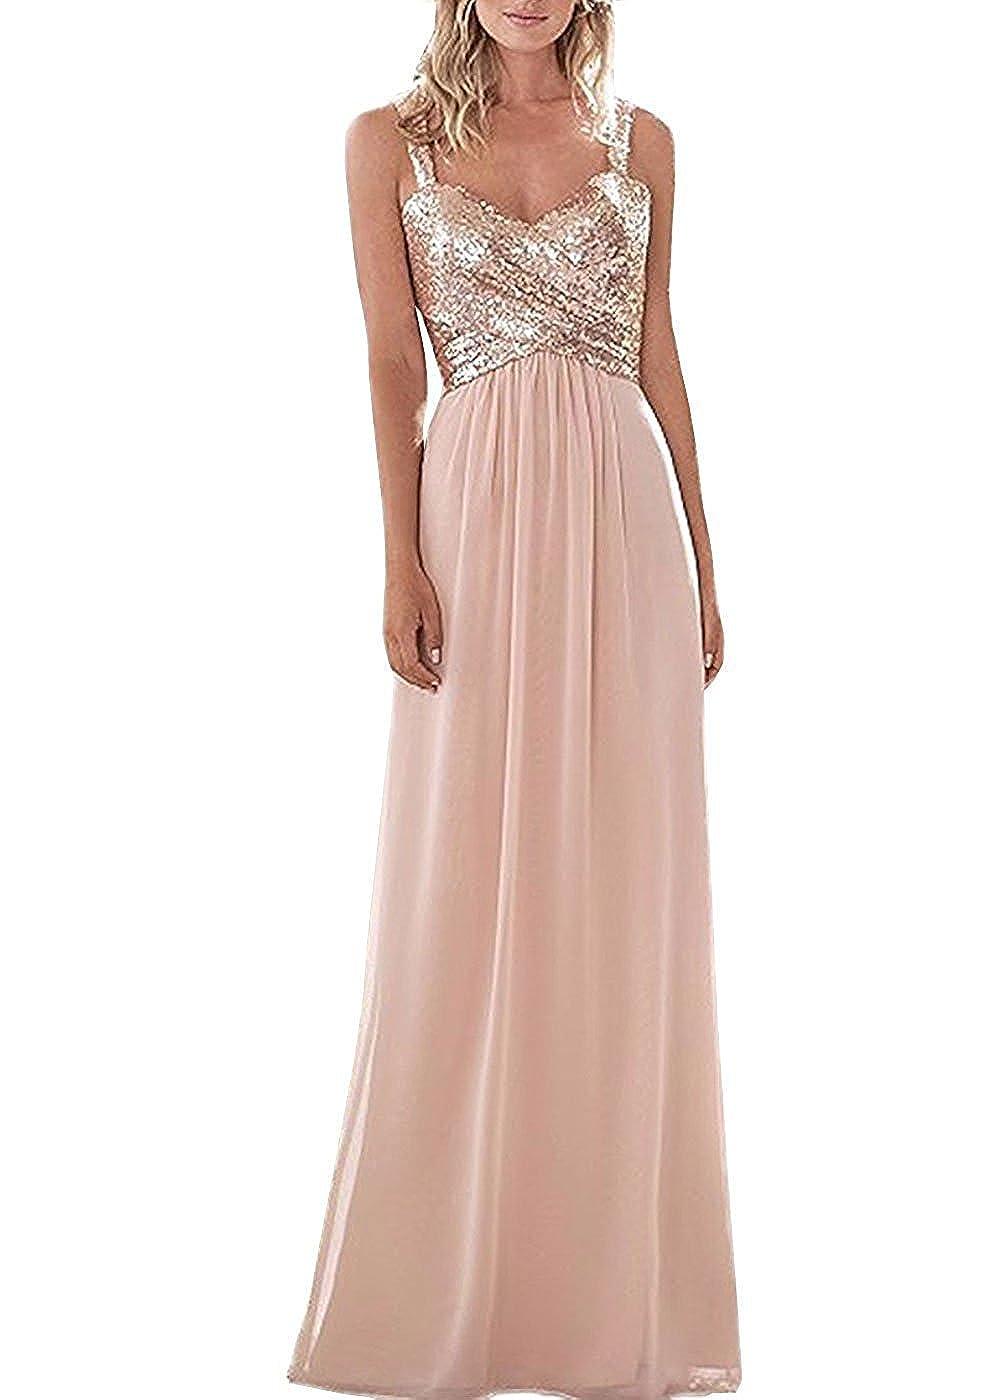 bluesh C LL Bridal Top Sequins pink gold Bridesmaid Dress Long Prom Party Dresses Evening